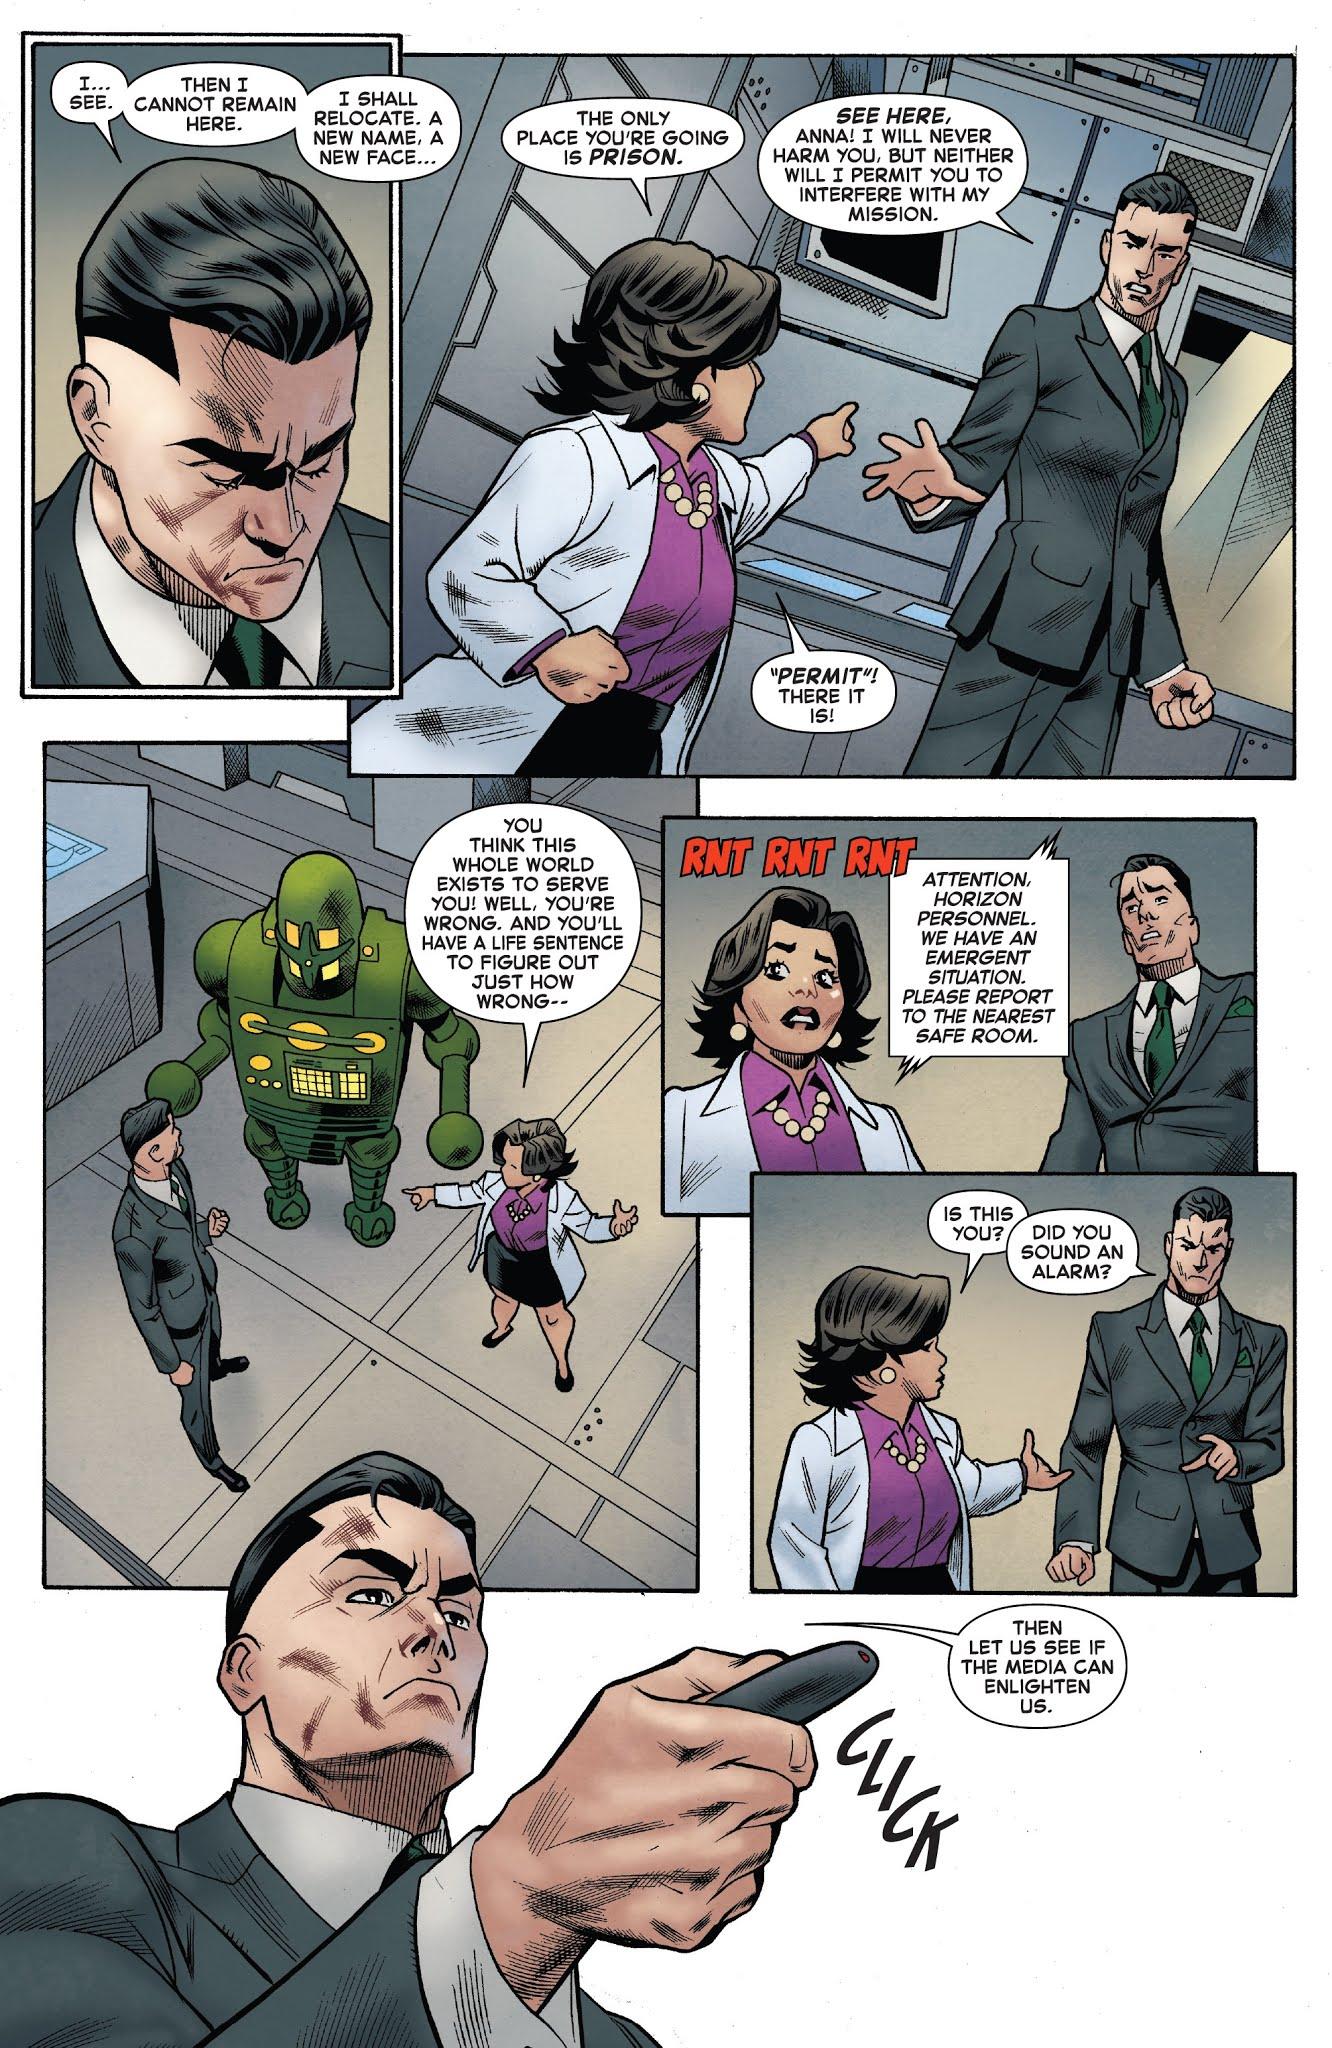 Superior Spider-Man (2019) issue 1 - Page 19